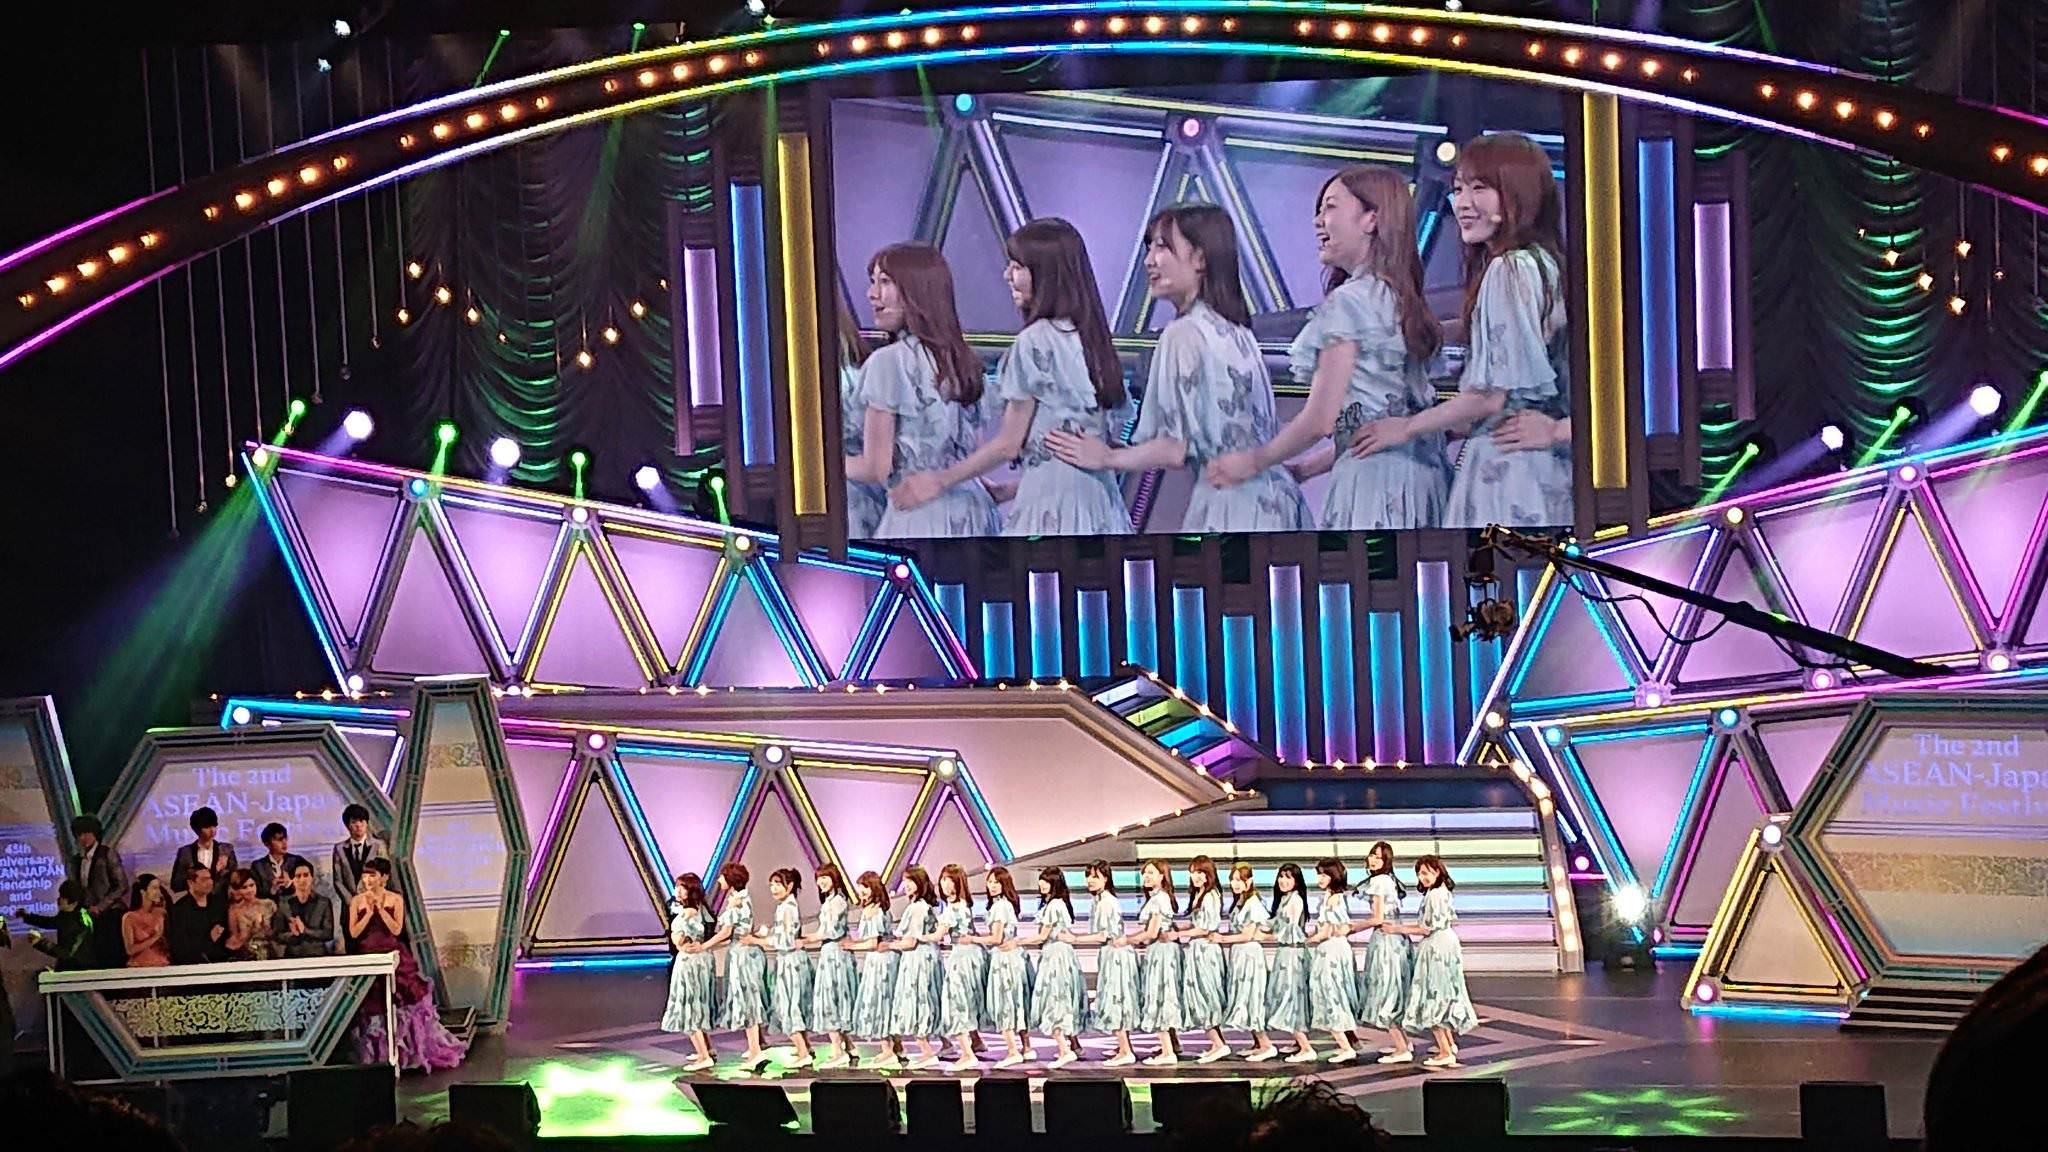 第2回 日・ASEAN音楽祭 乃木坂46